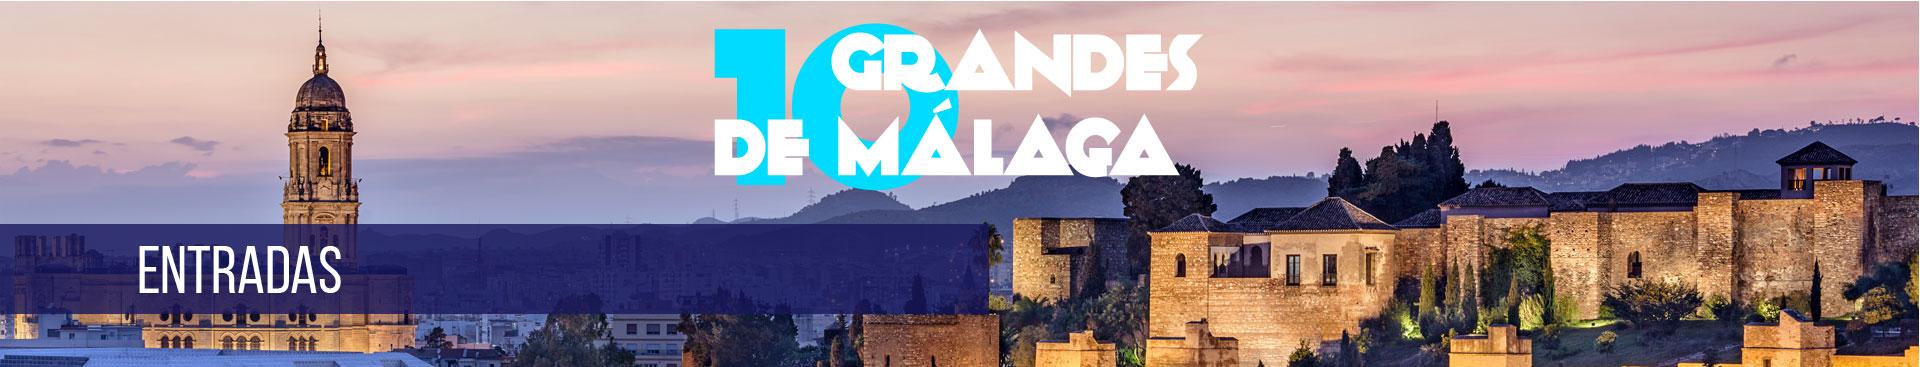 10 Grandes de Málaga se unen en una experiencia Gastronómica